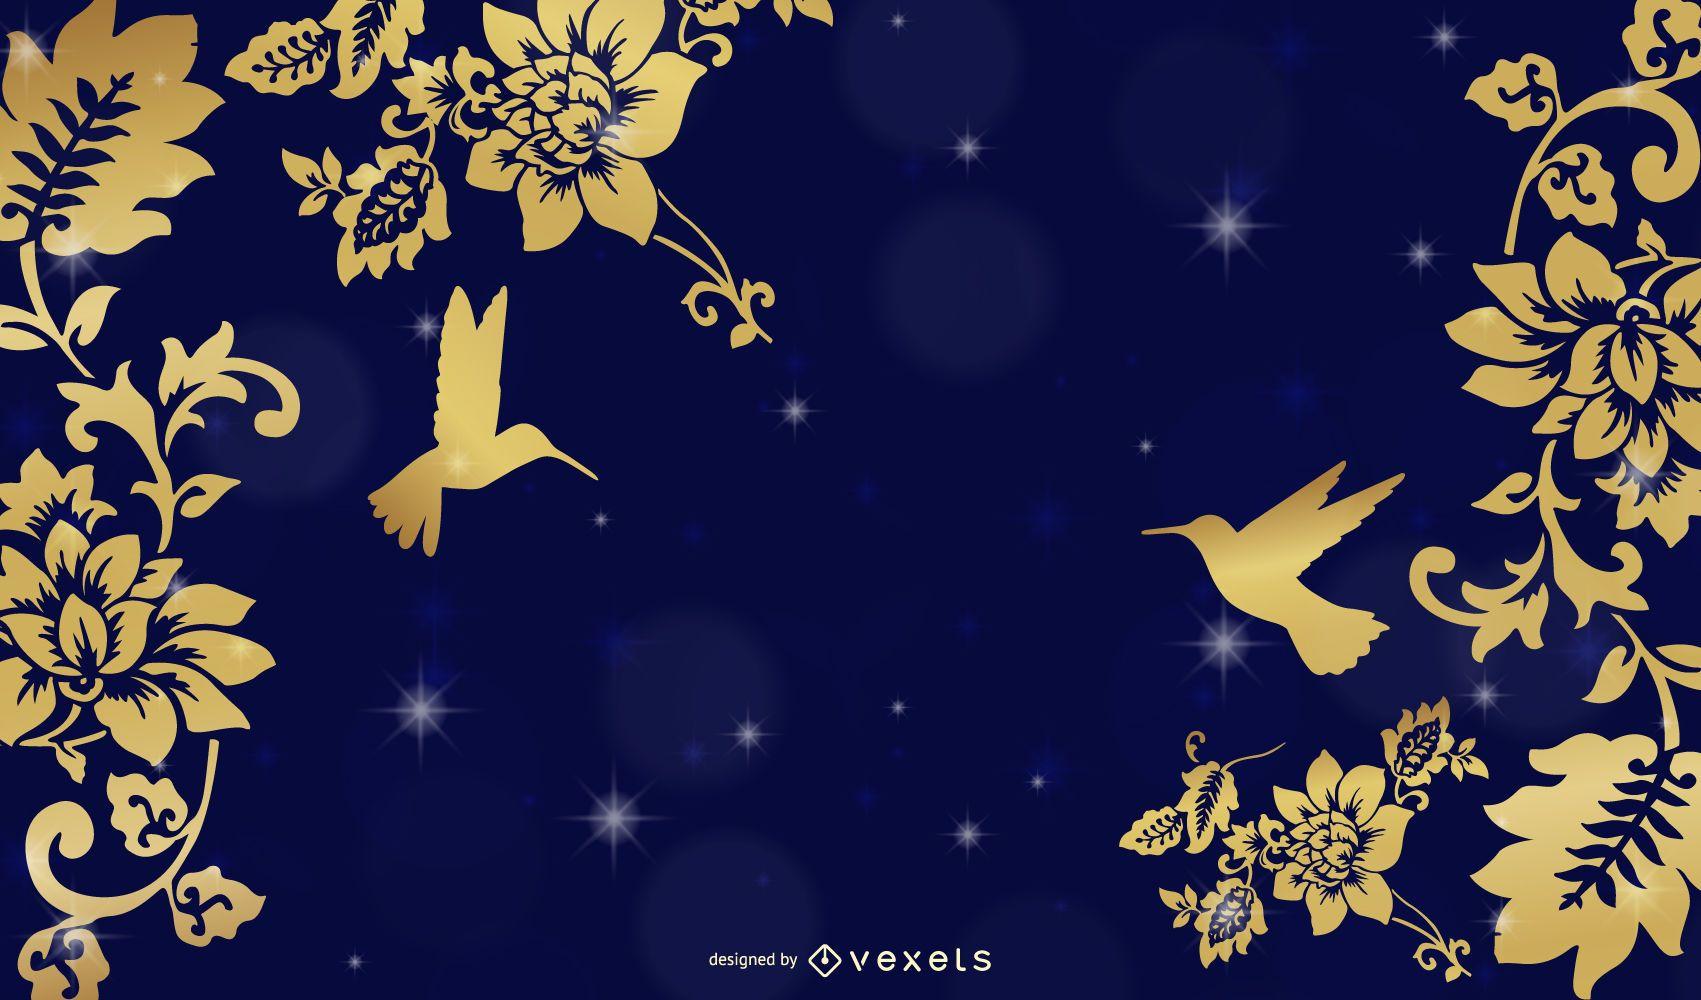 Fondo dorado de flores y pájaros